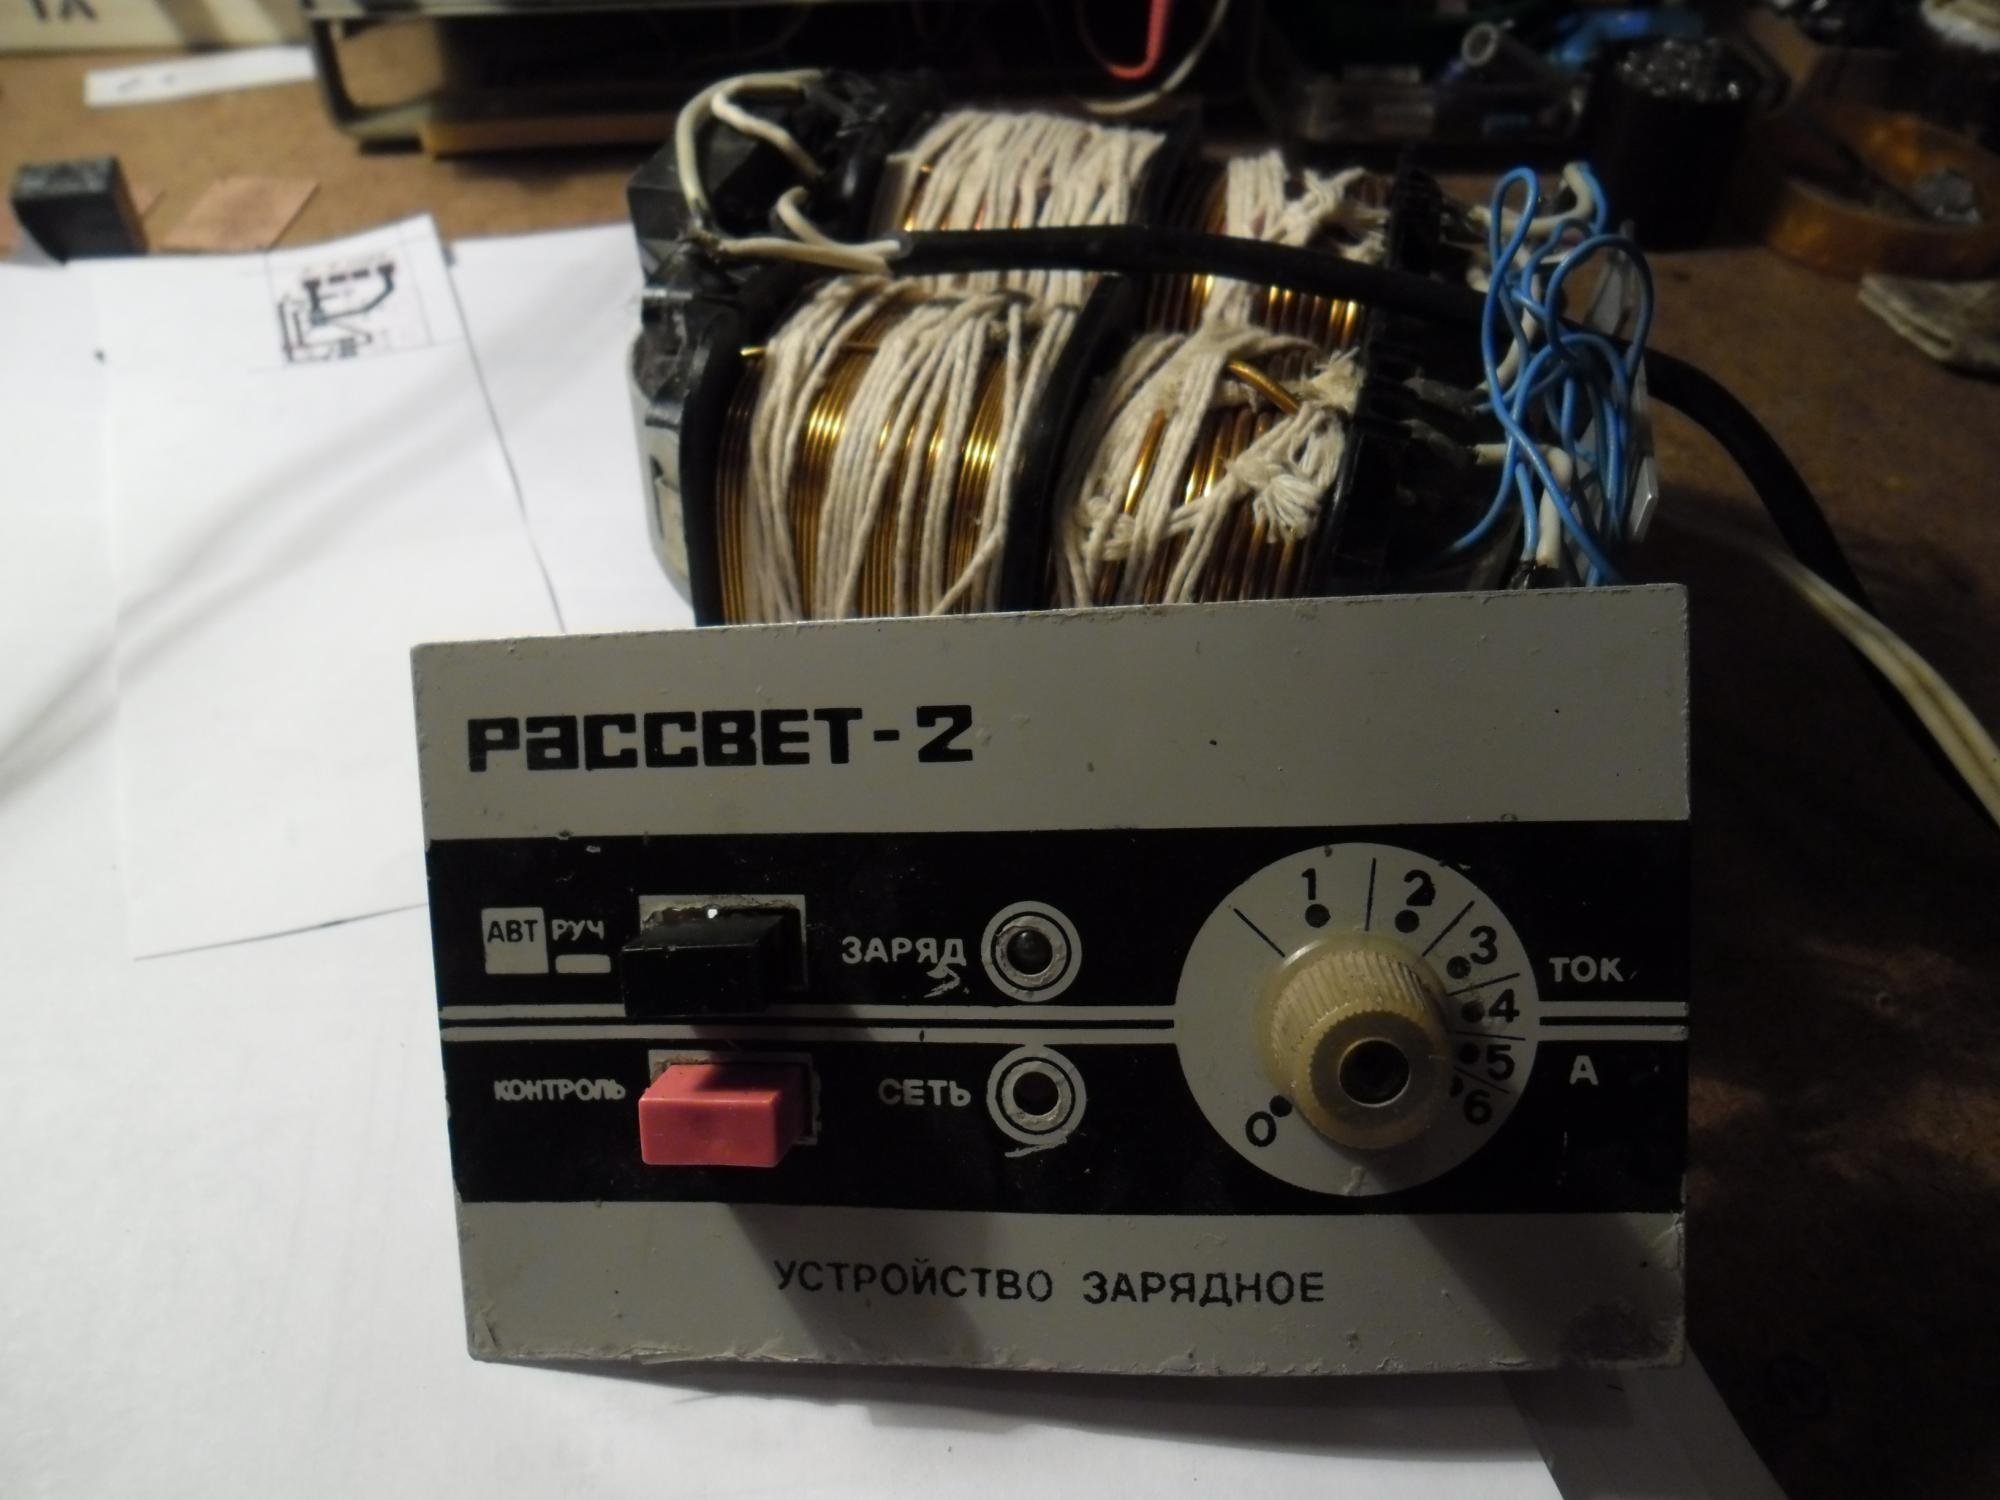 Читать инструкцию зарядного устройства рассвет 2